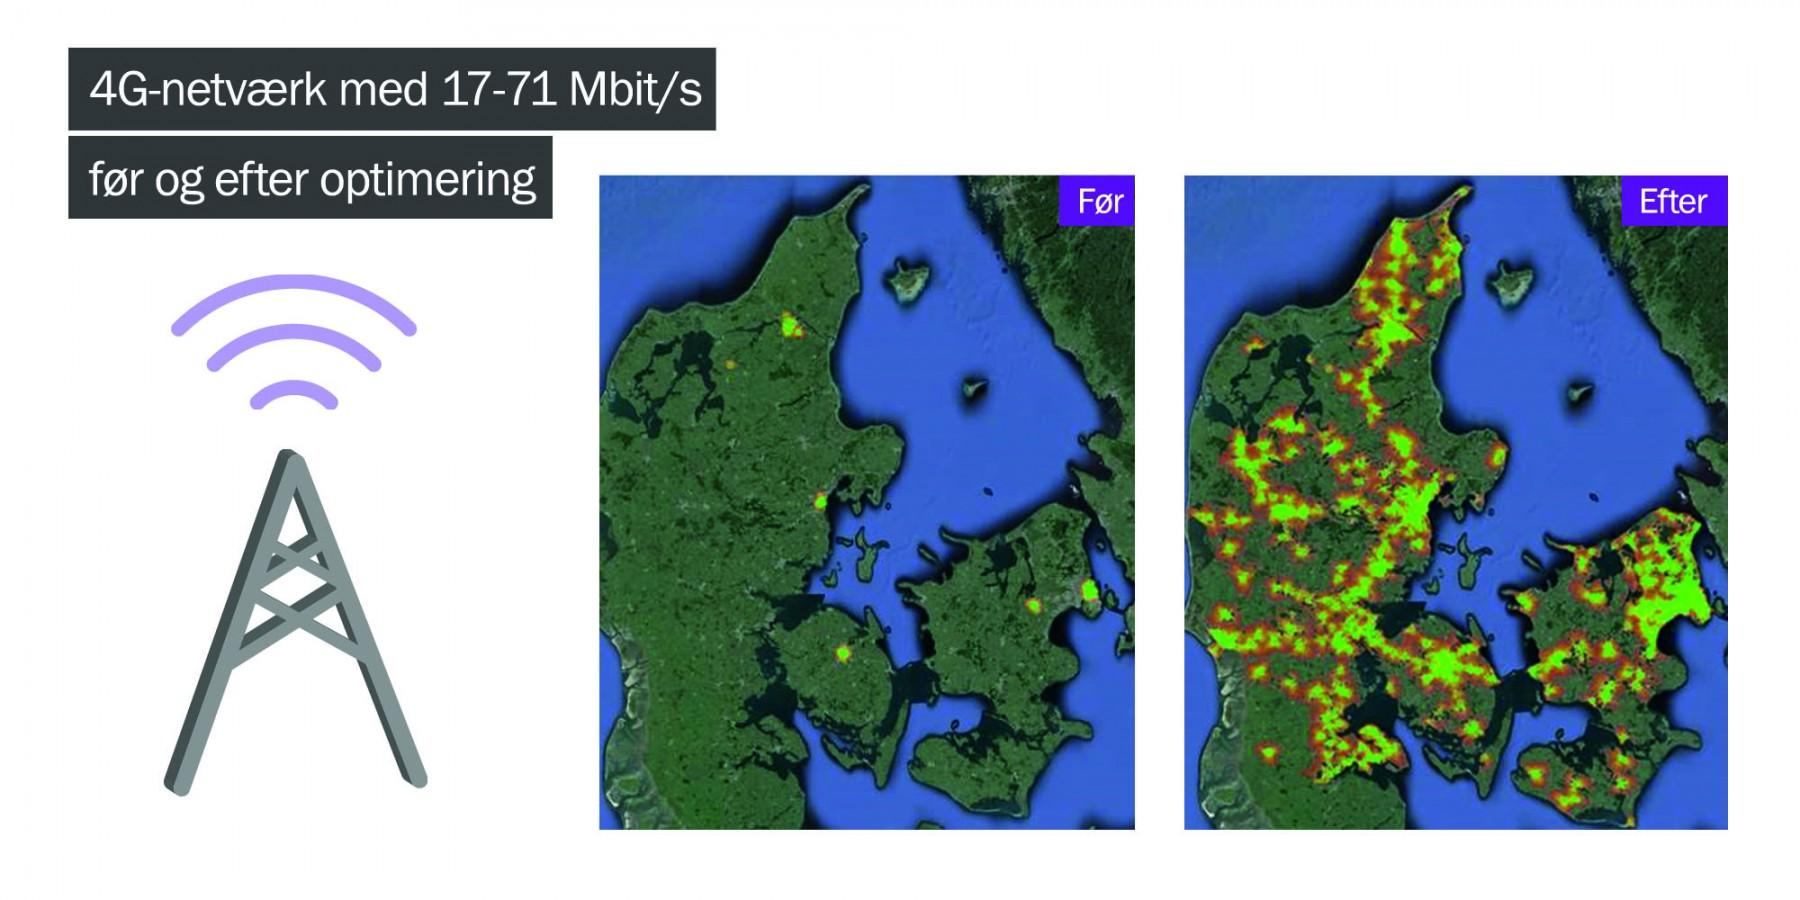 Snart endnu hurtigere 4G hos Telia